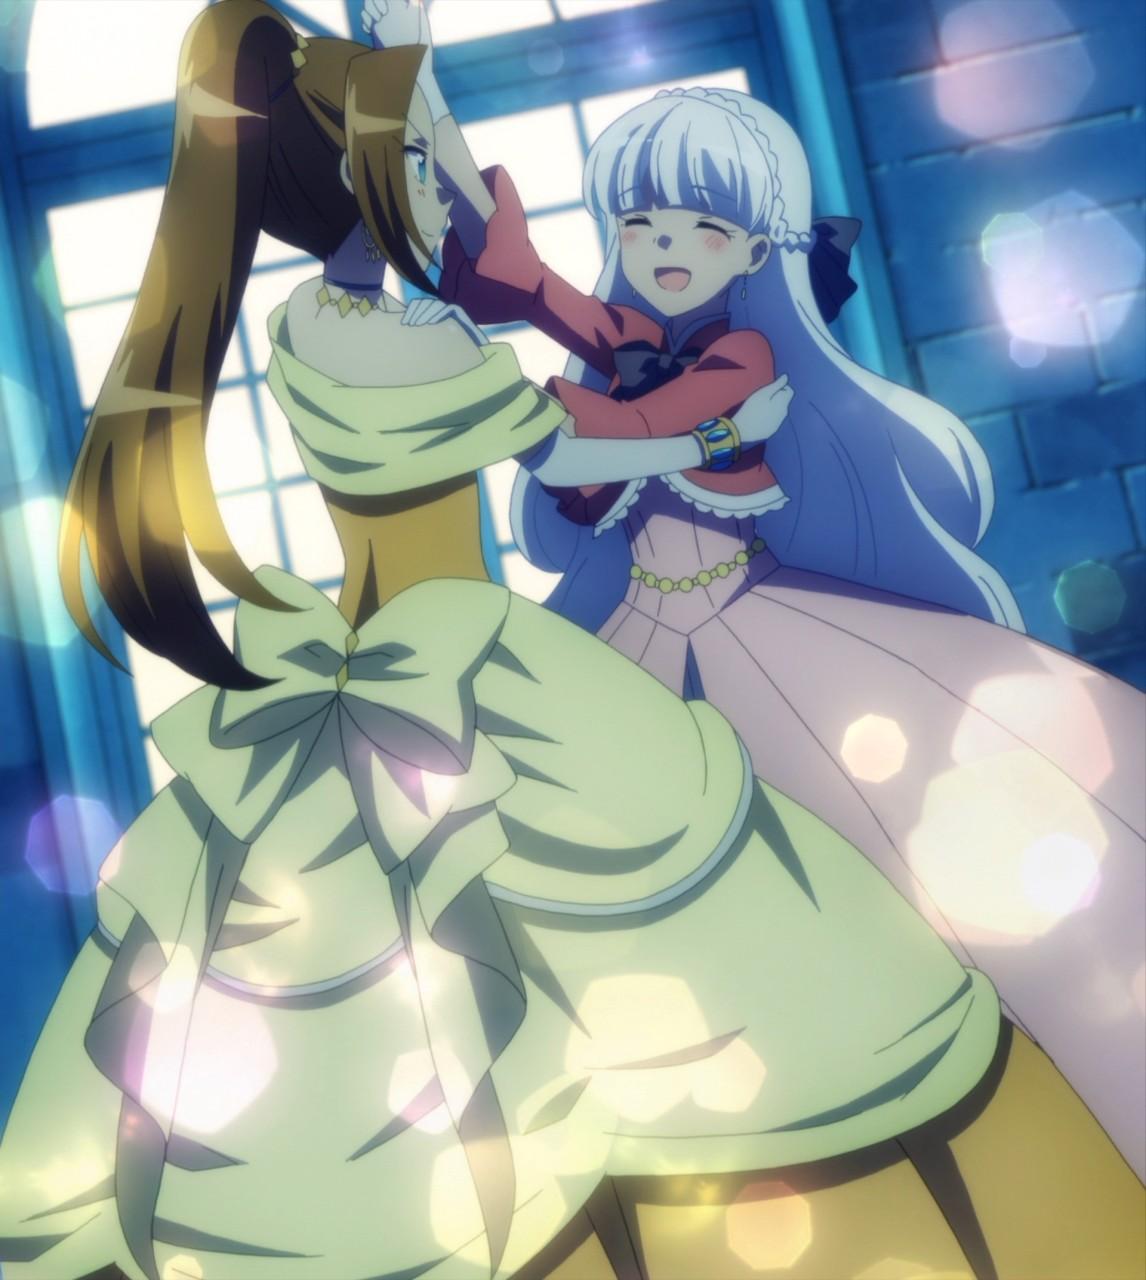 乙女ゲームの破滅フラグしかない悪役令嬢に転生してしまった… エロ画像 Part1 08